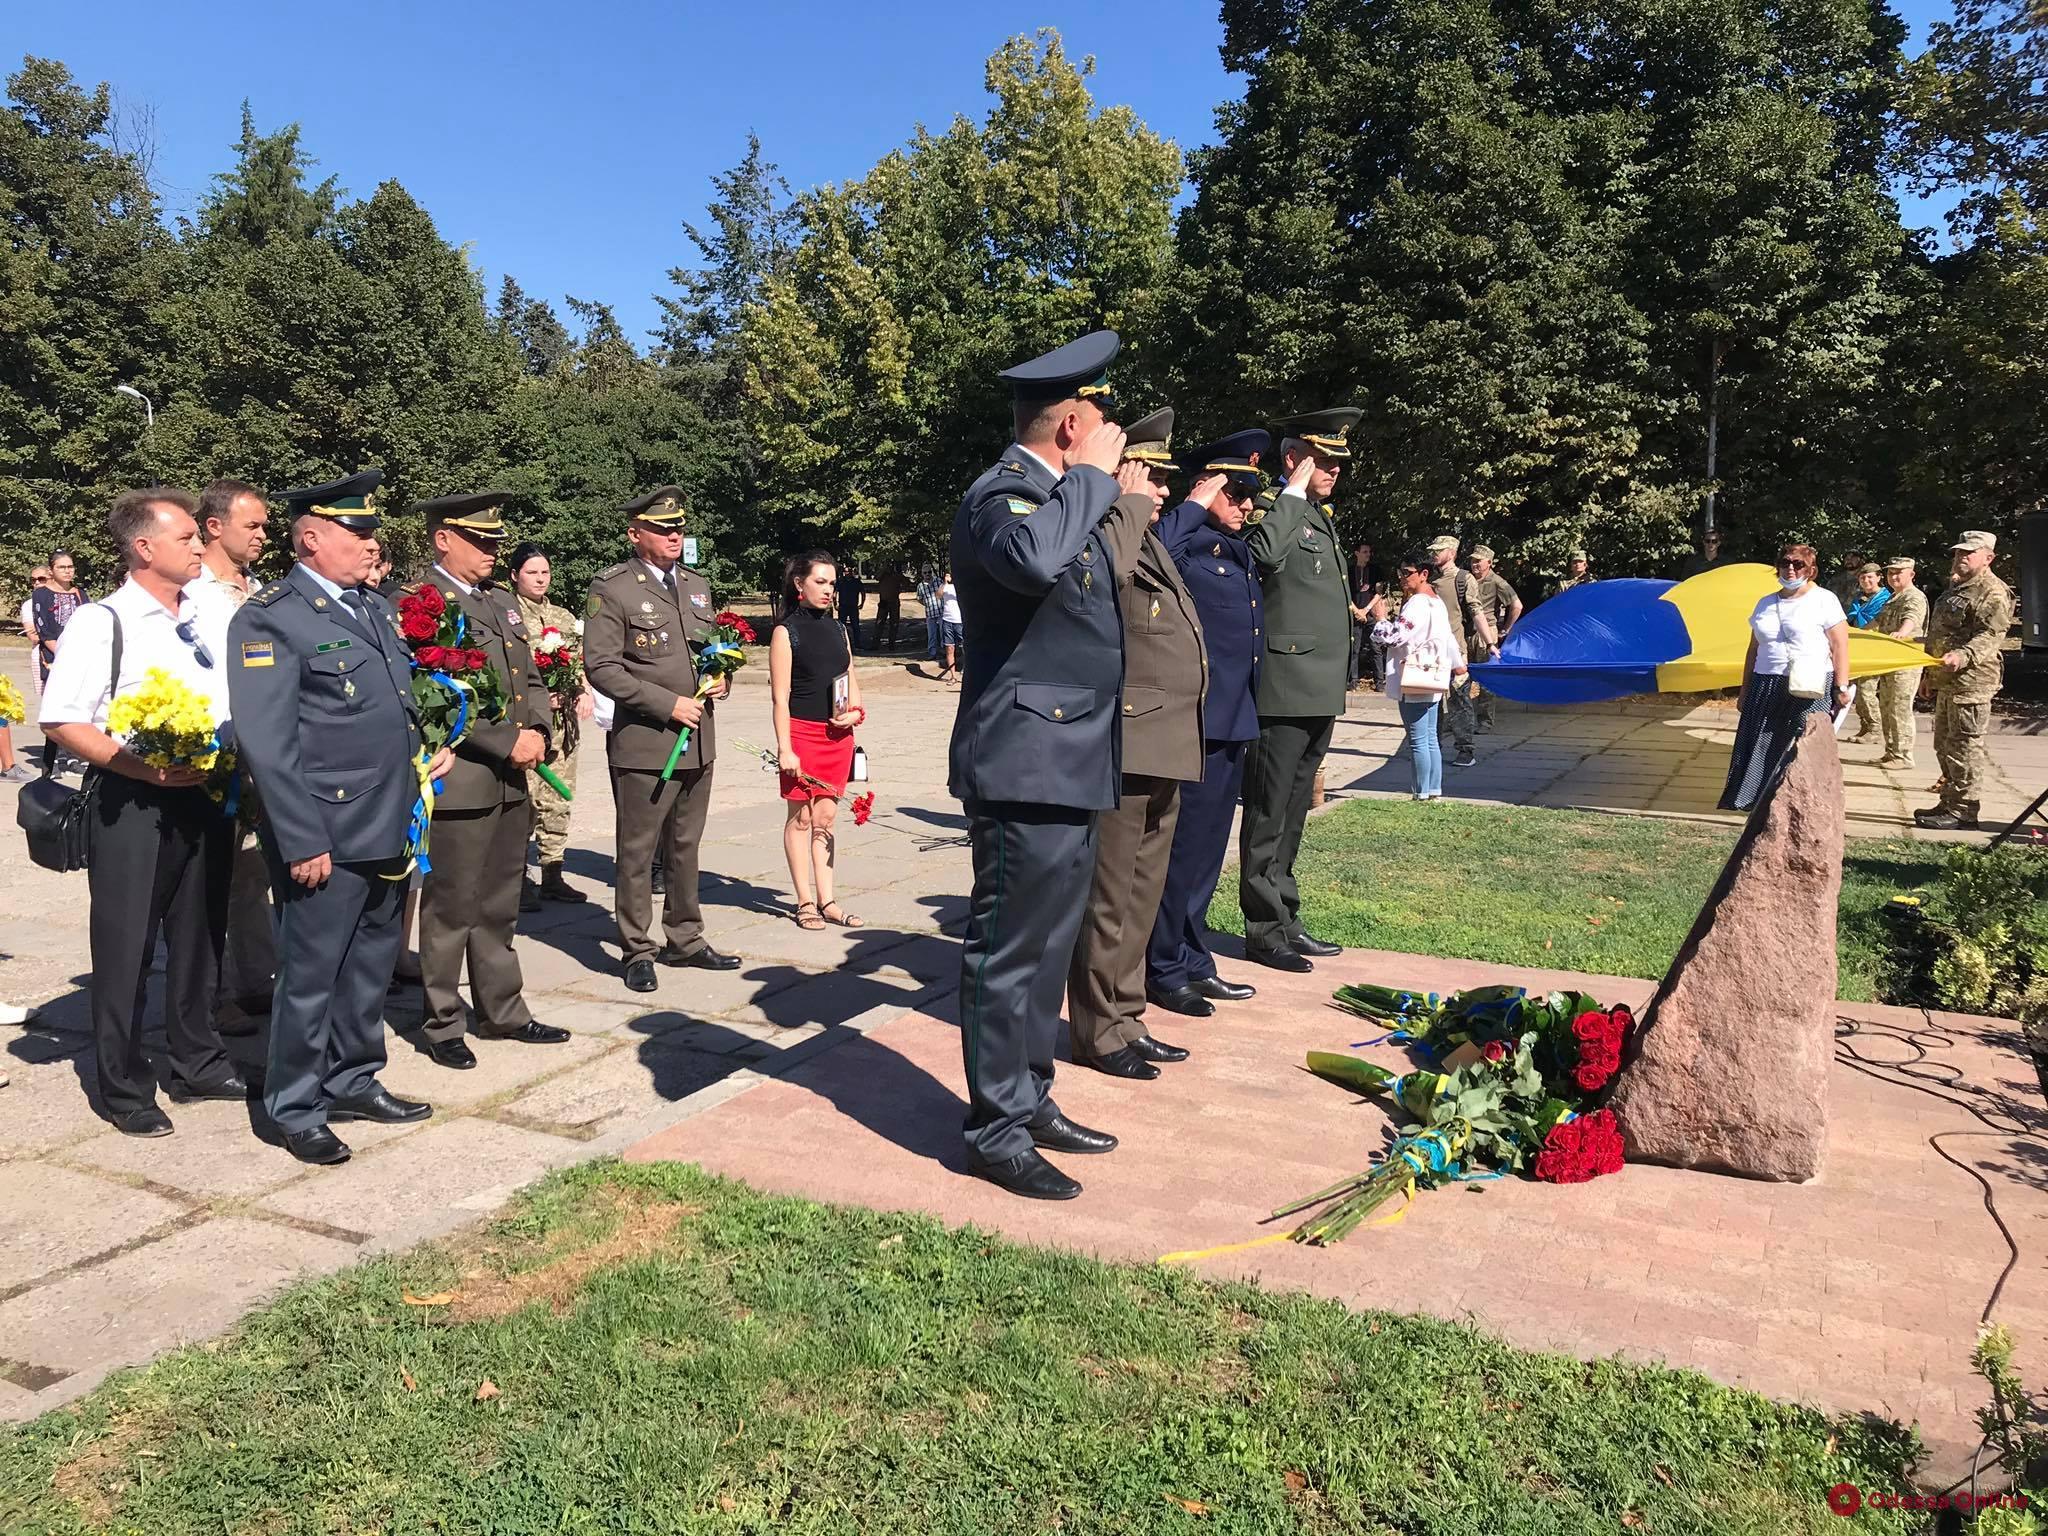 В Одессе прошел марш патриотов и защитников Украины (фото)